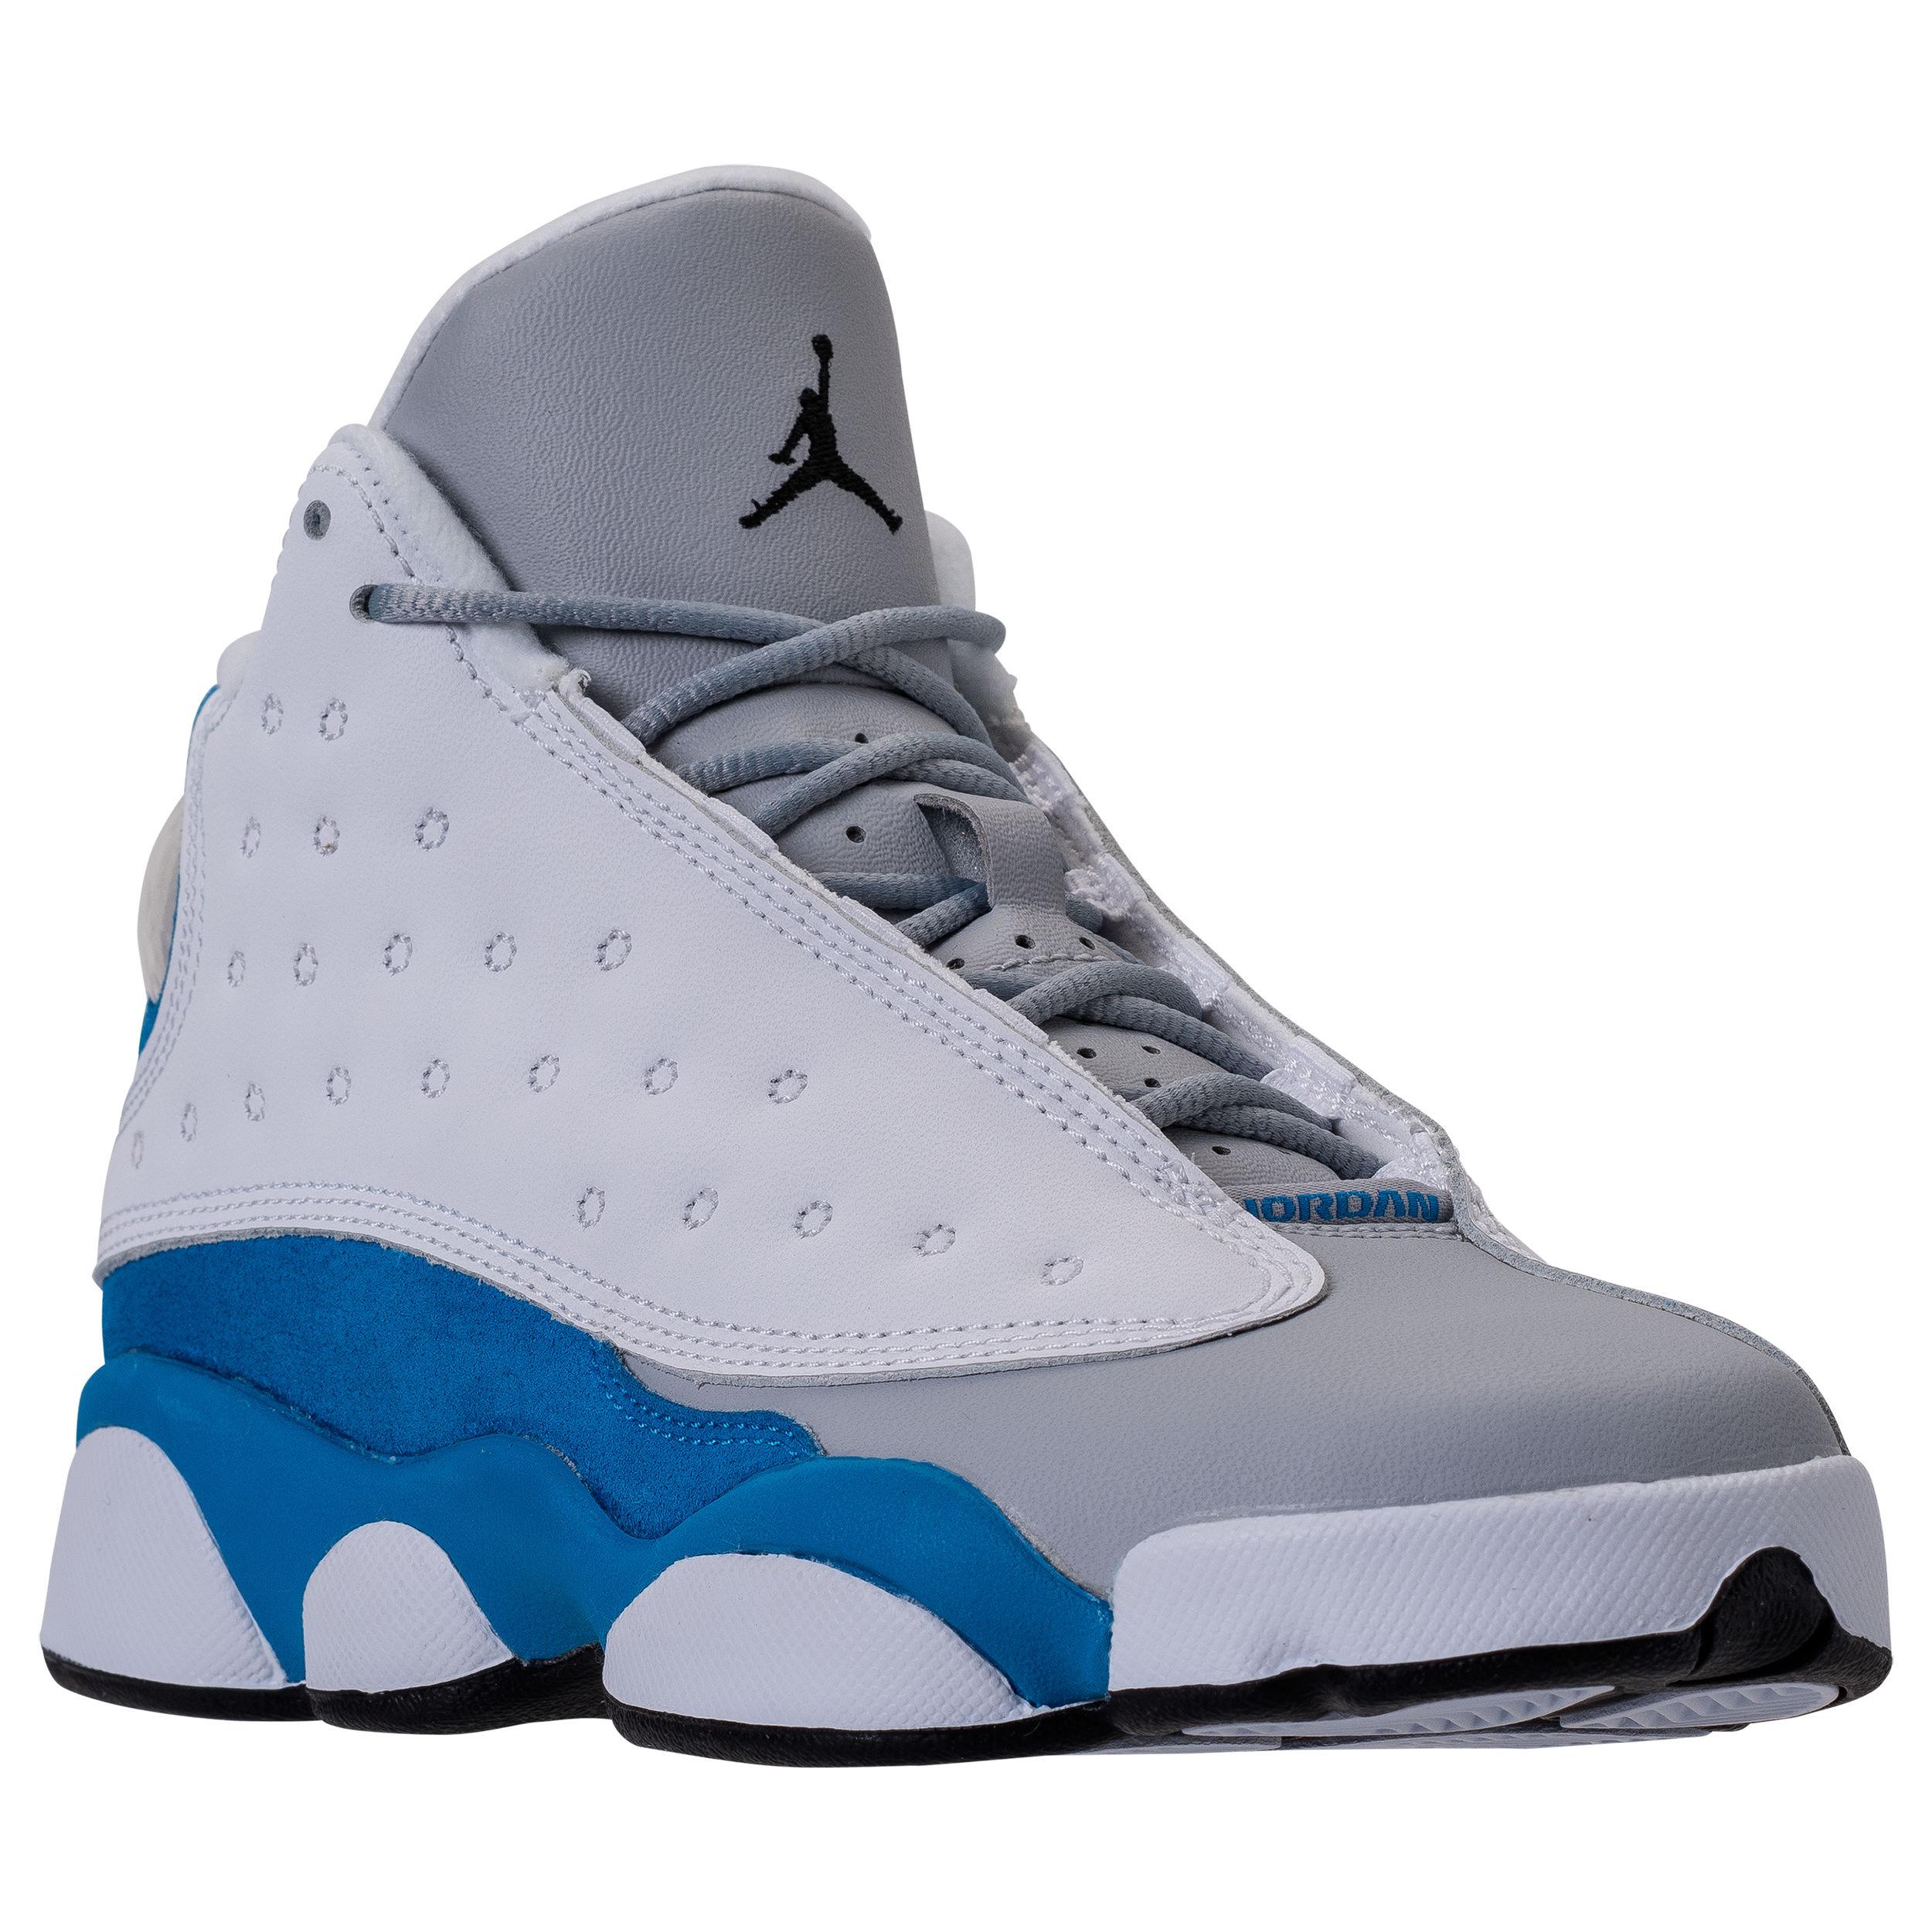 f0c4300adb6 air jordan 13 italy blue 10 - WearTesters